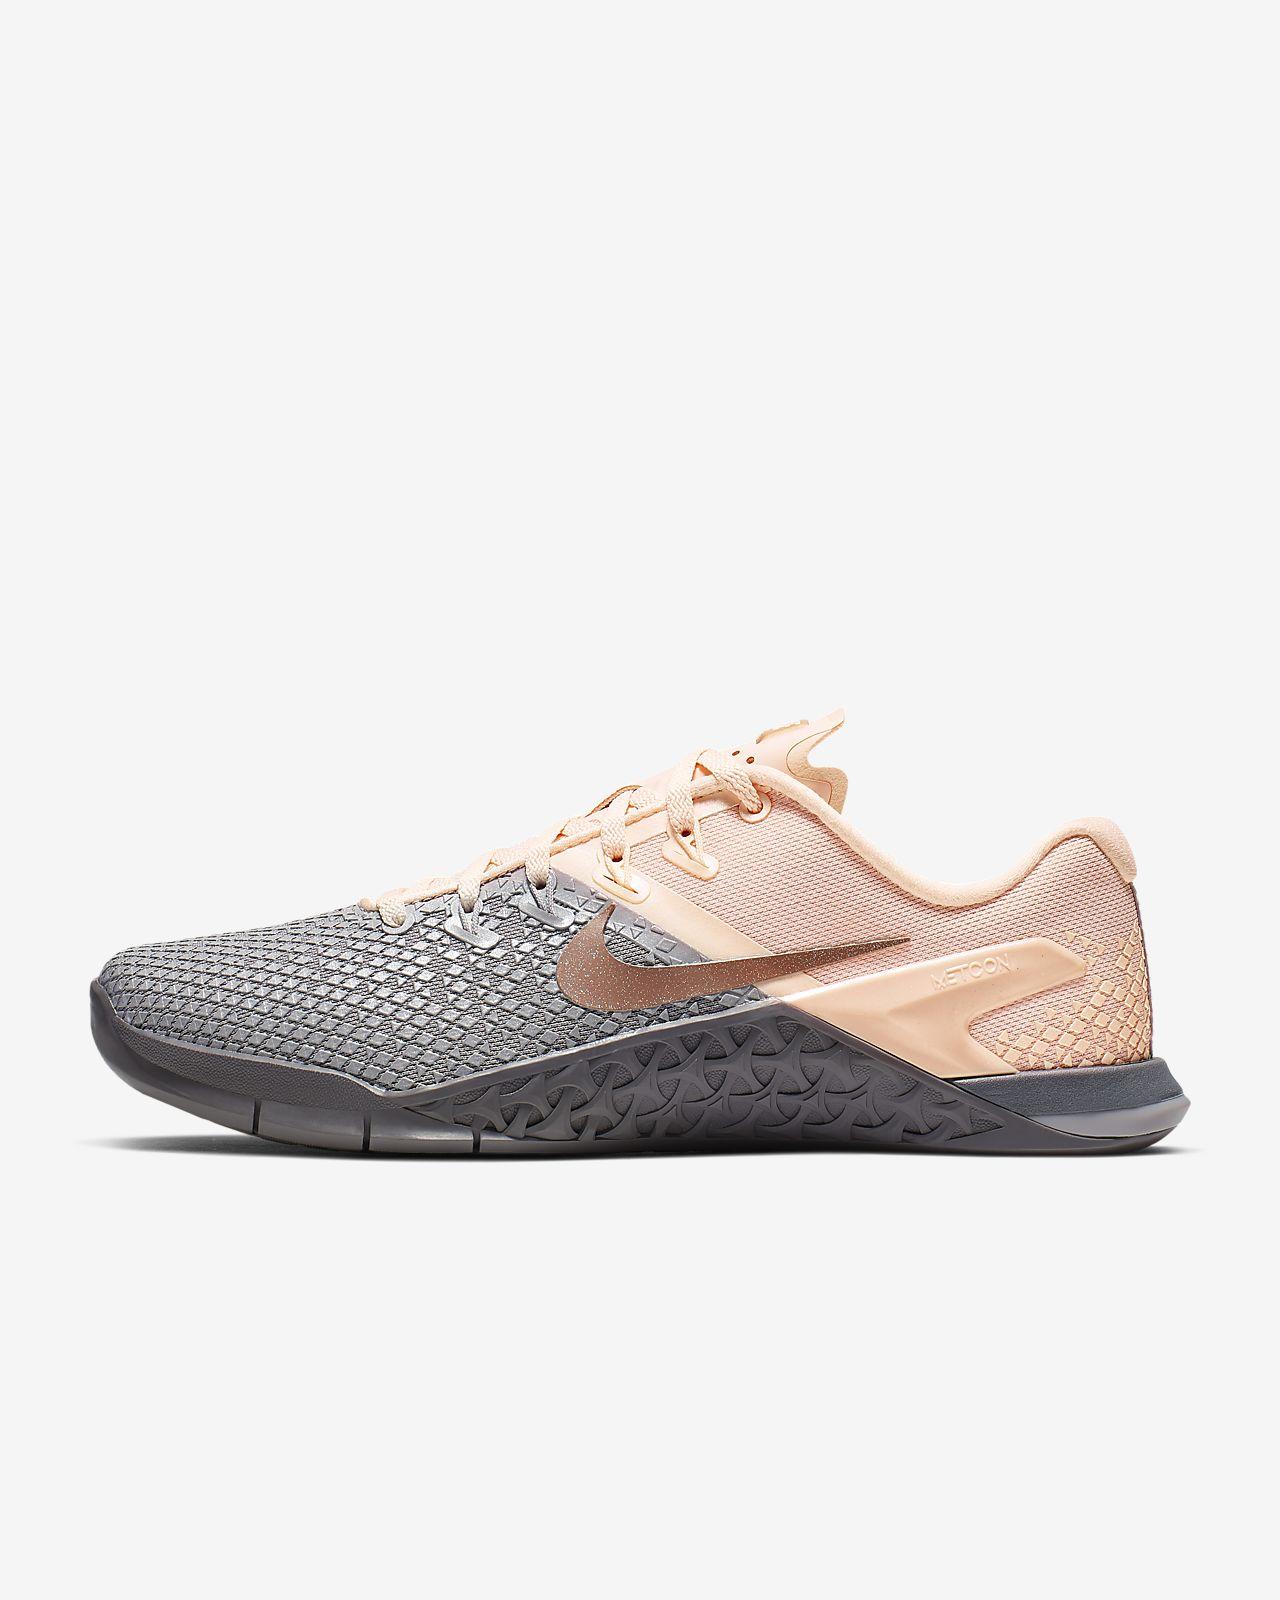 Sko Nike Metcon 4 XD Metallic för crosstraining/tyngdlyftning för kvinnor